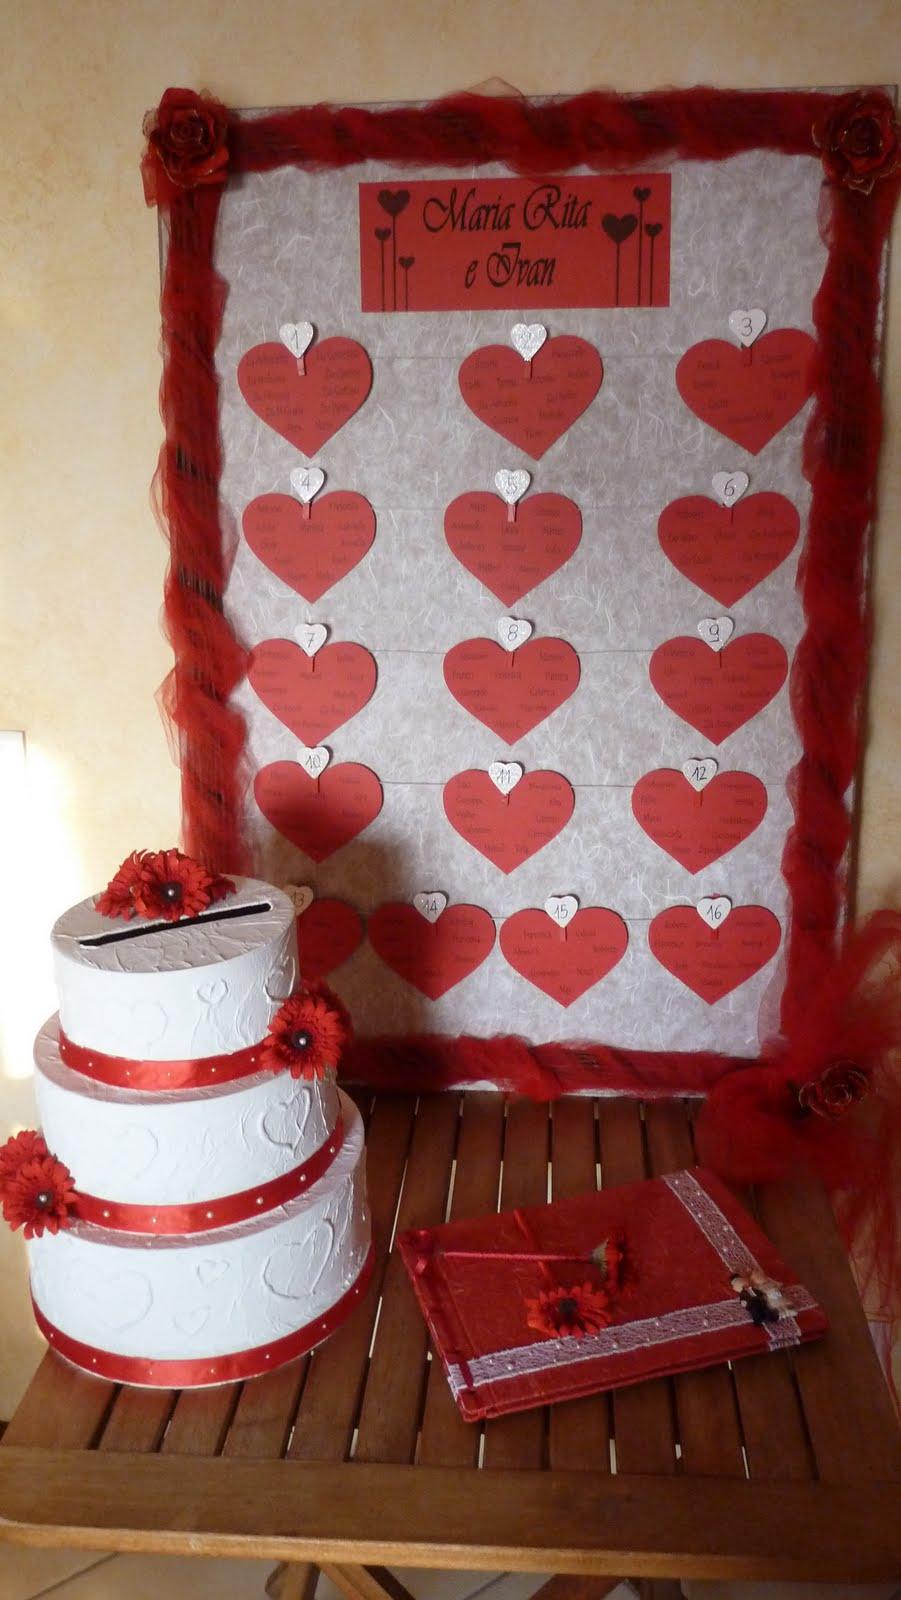 Favoloso Wedding tema cuori: come fare tableau? - Página 2 - Organizzazione  VD37